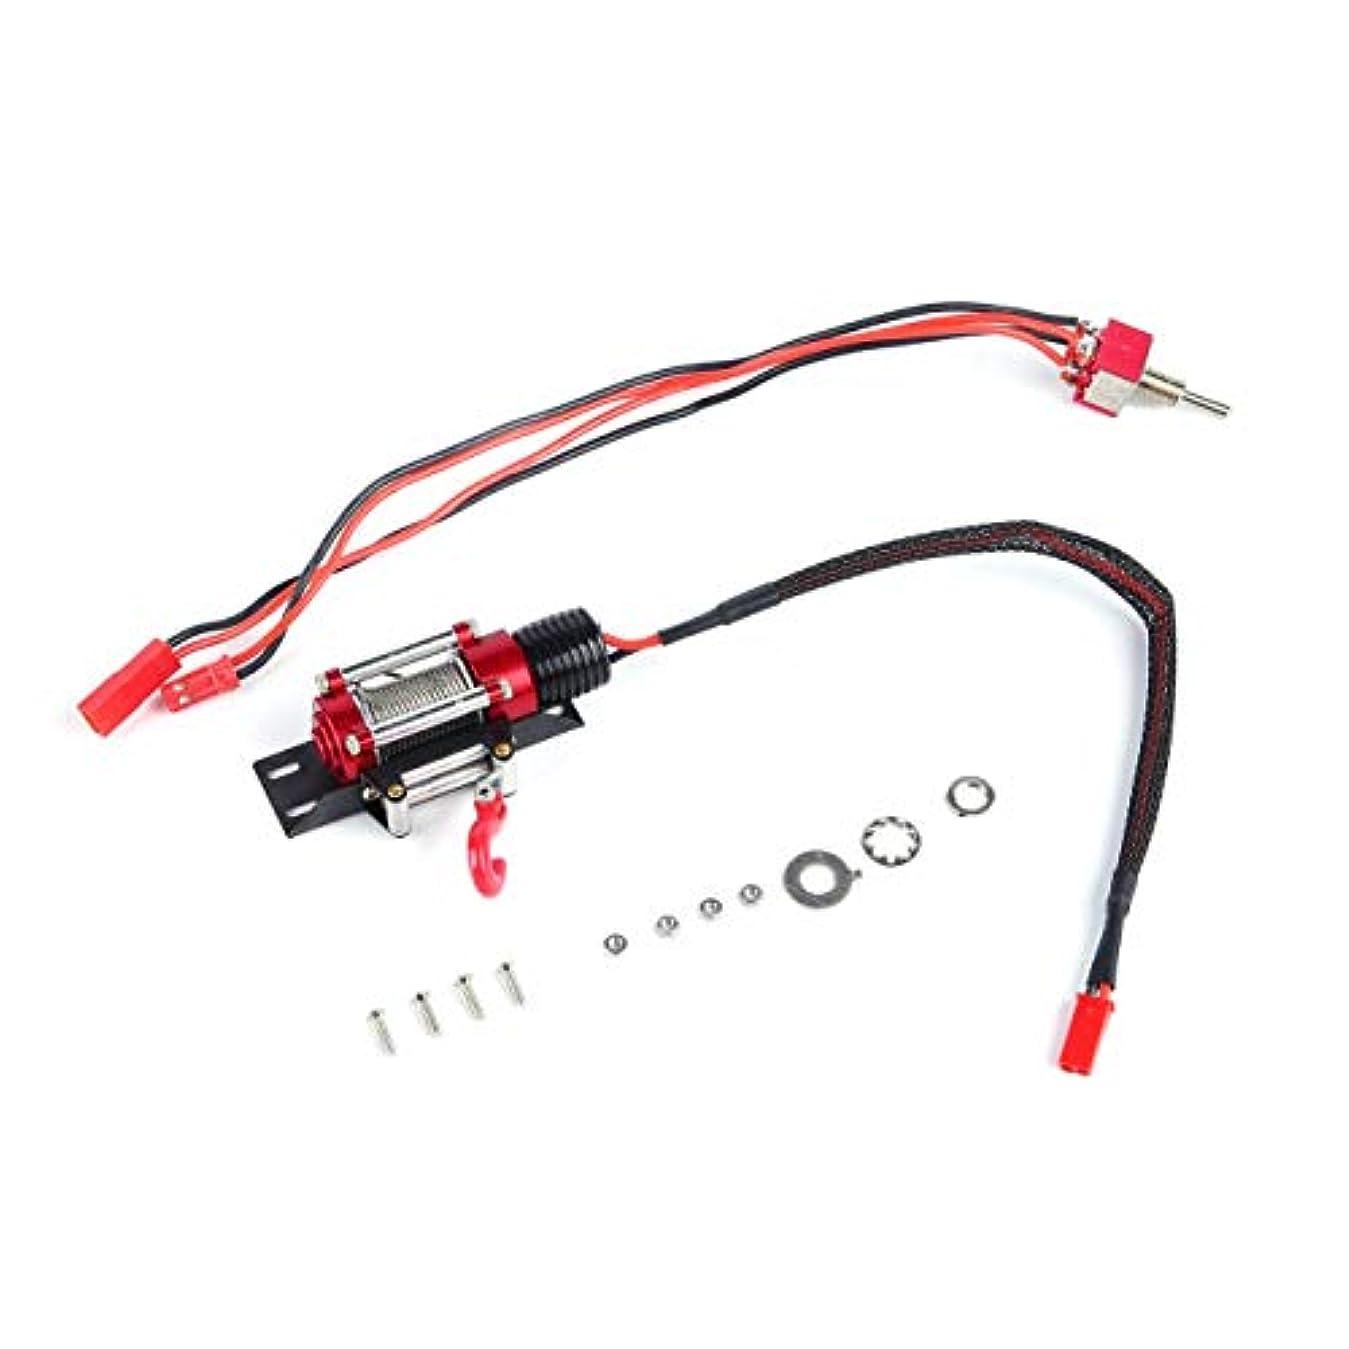 テクスチャー不完全物足りないDeeploveUU 1/10ジープRCカーオフロードクローラークライミング車モデル用スイッチ付き金属鋼有線自動模擬ウインチ